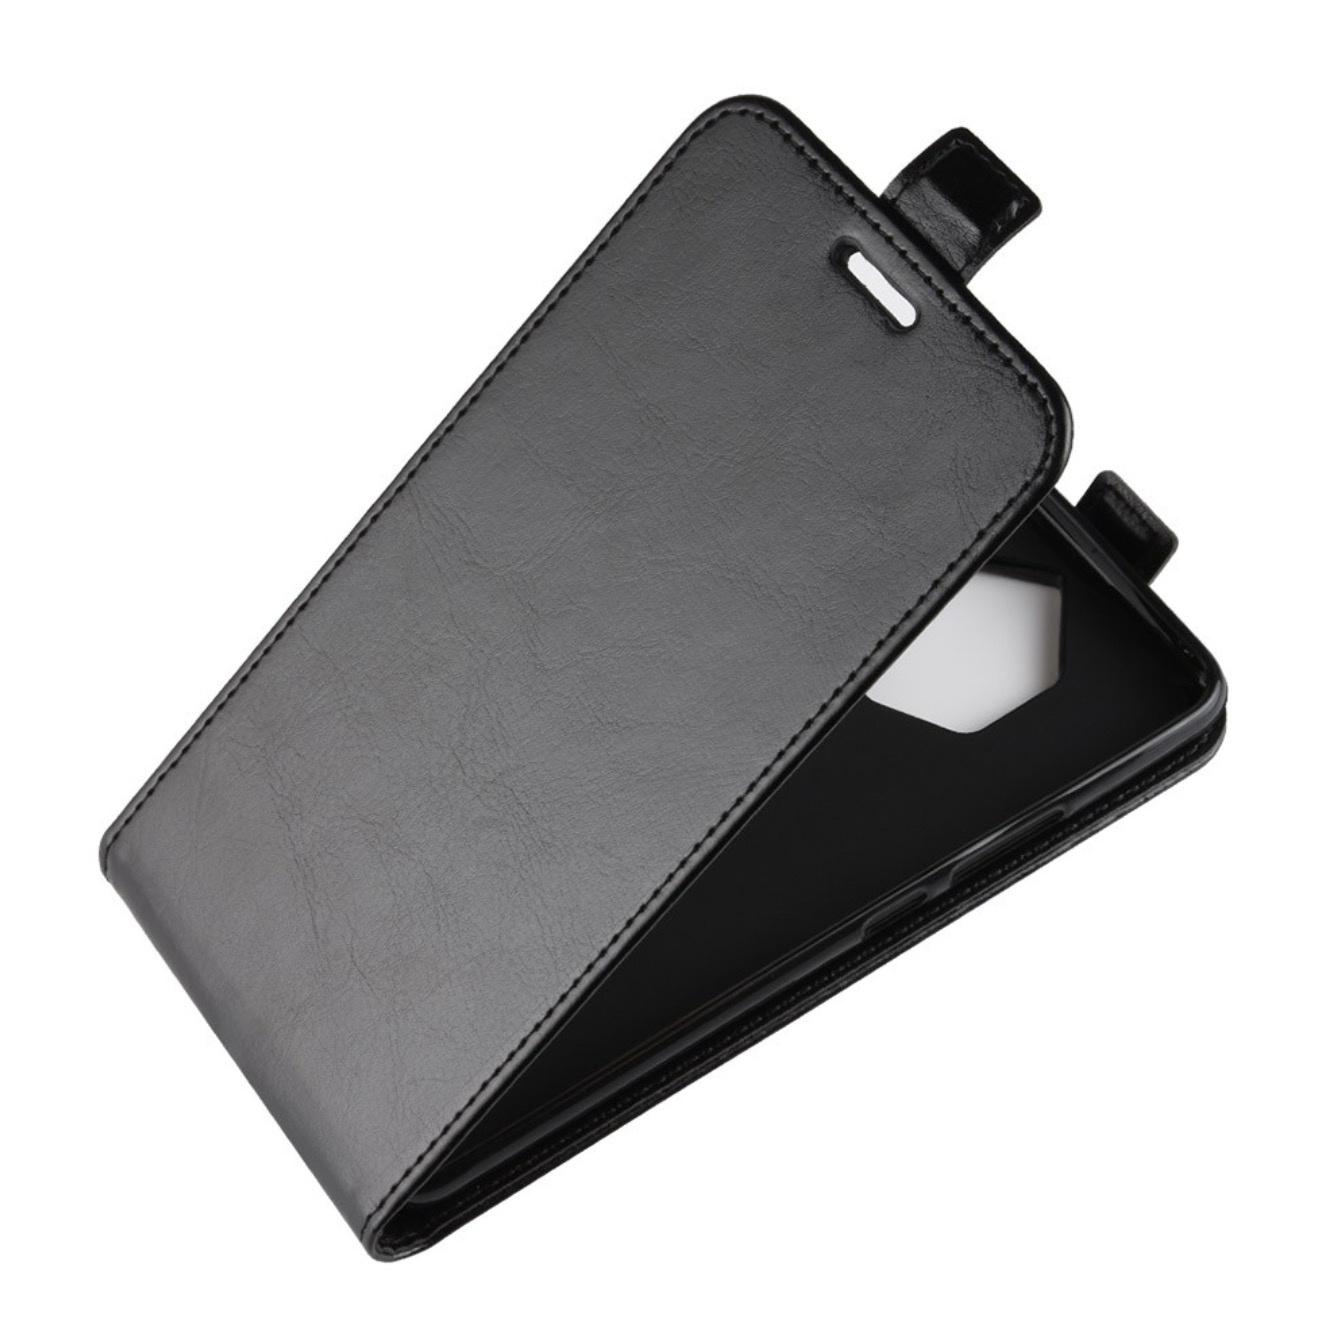 Чехол-флип MyPads для Fly IQ4406 ERA Nano 6 вертикальный откидной черный все цены